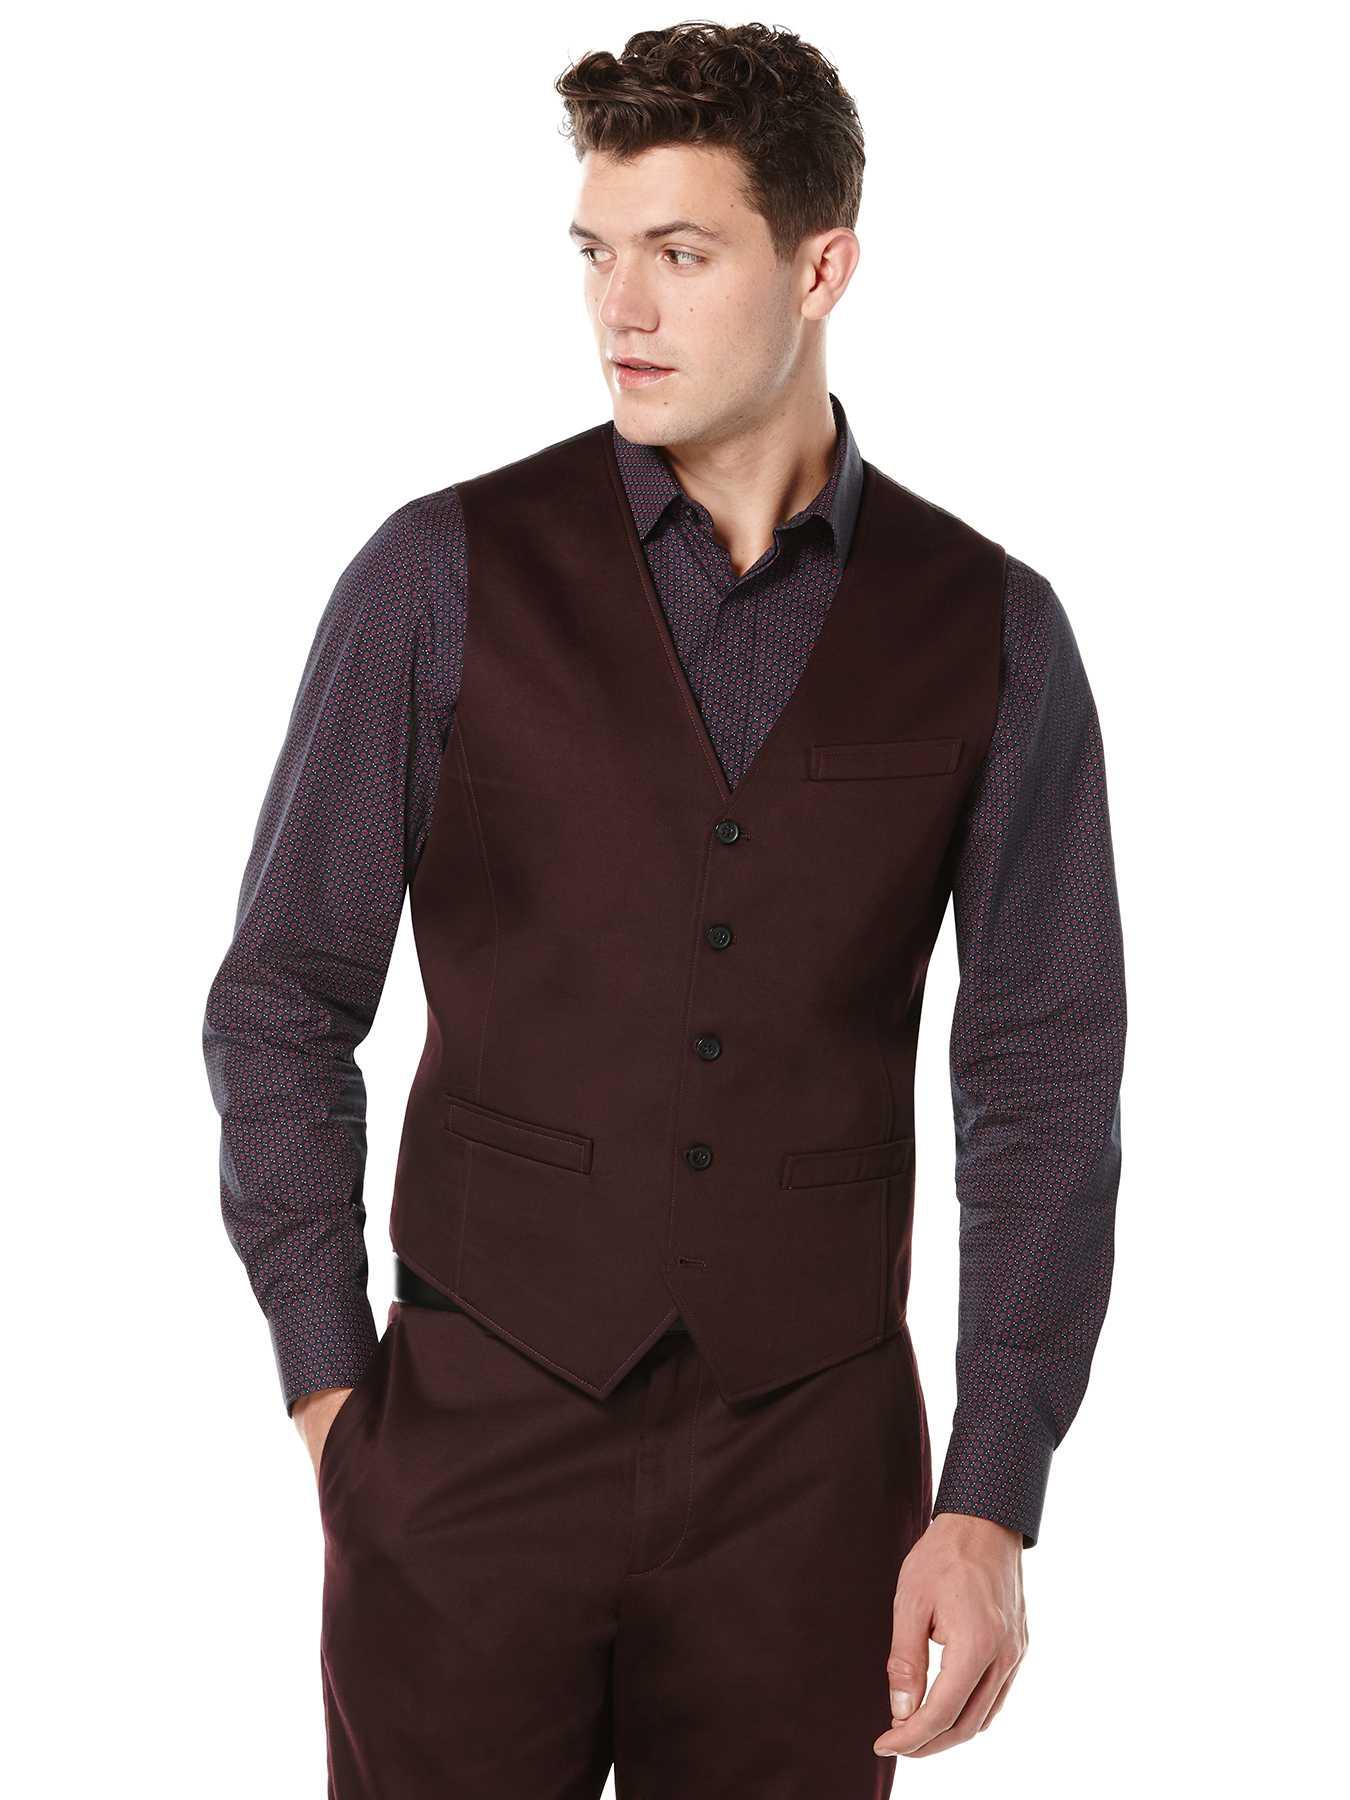 Perry Ellis Solid Satin 5 Button Suit Vest